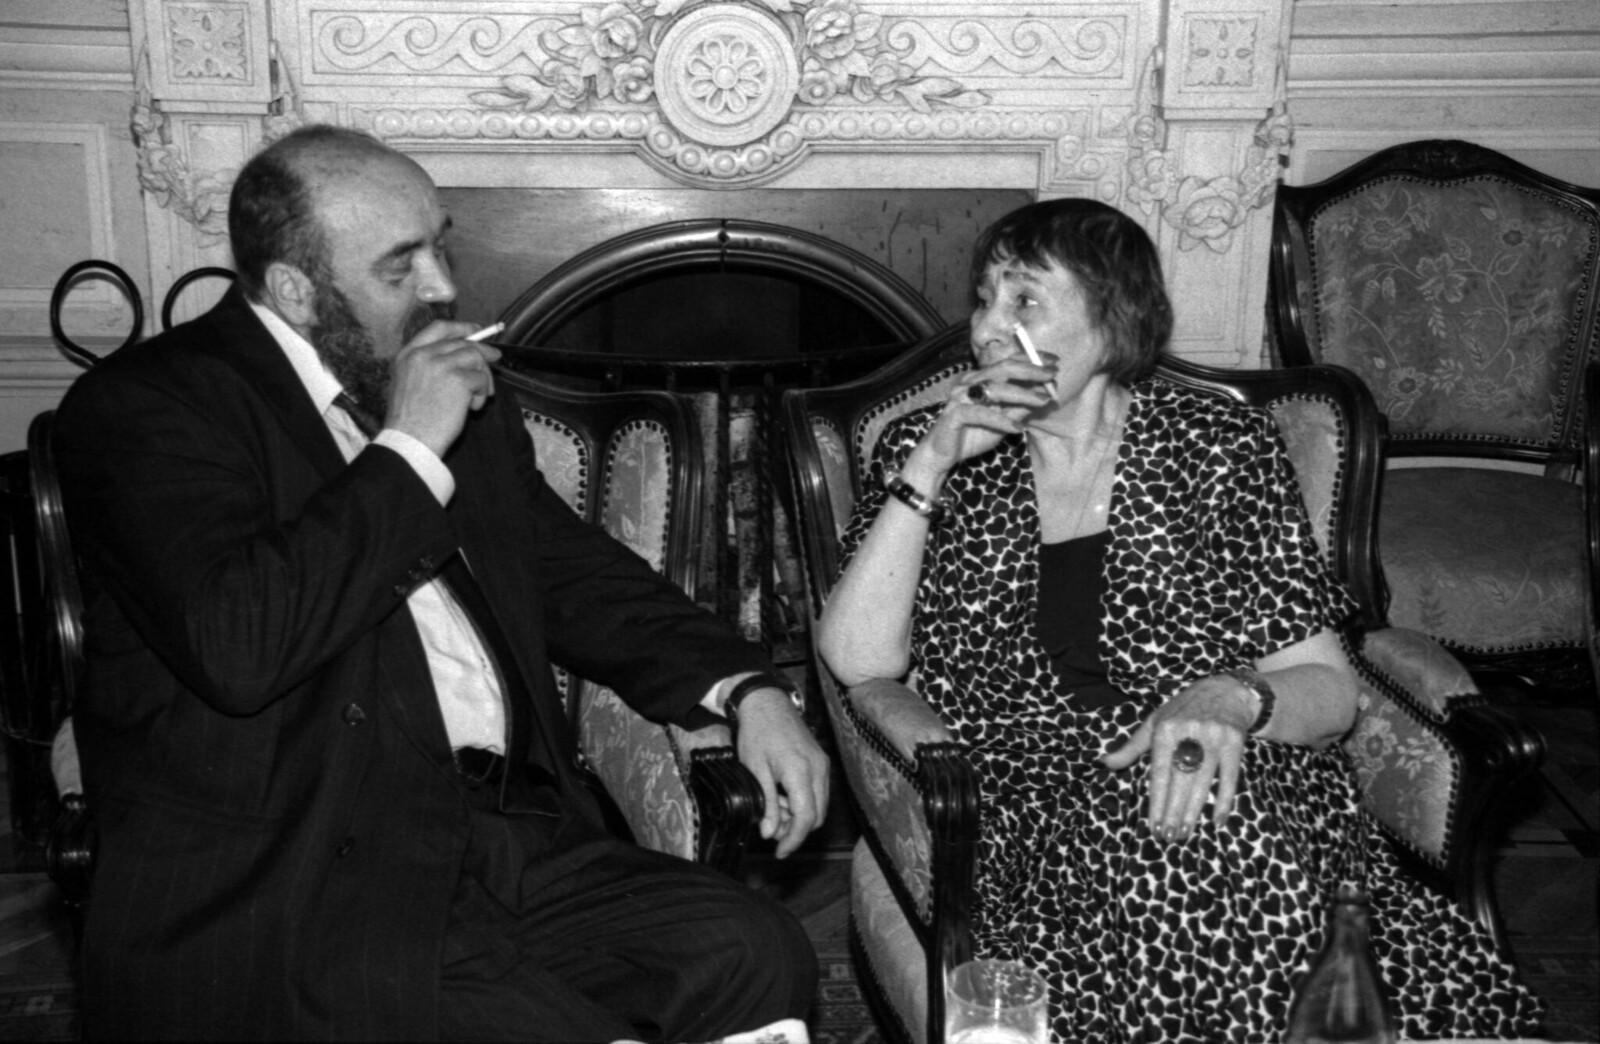 1995. Евгений Попов и Инна Леснянская на вечере в Доме журналистов